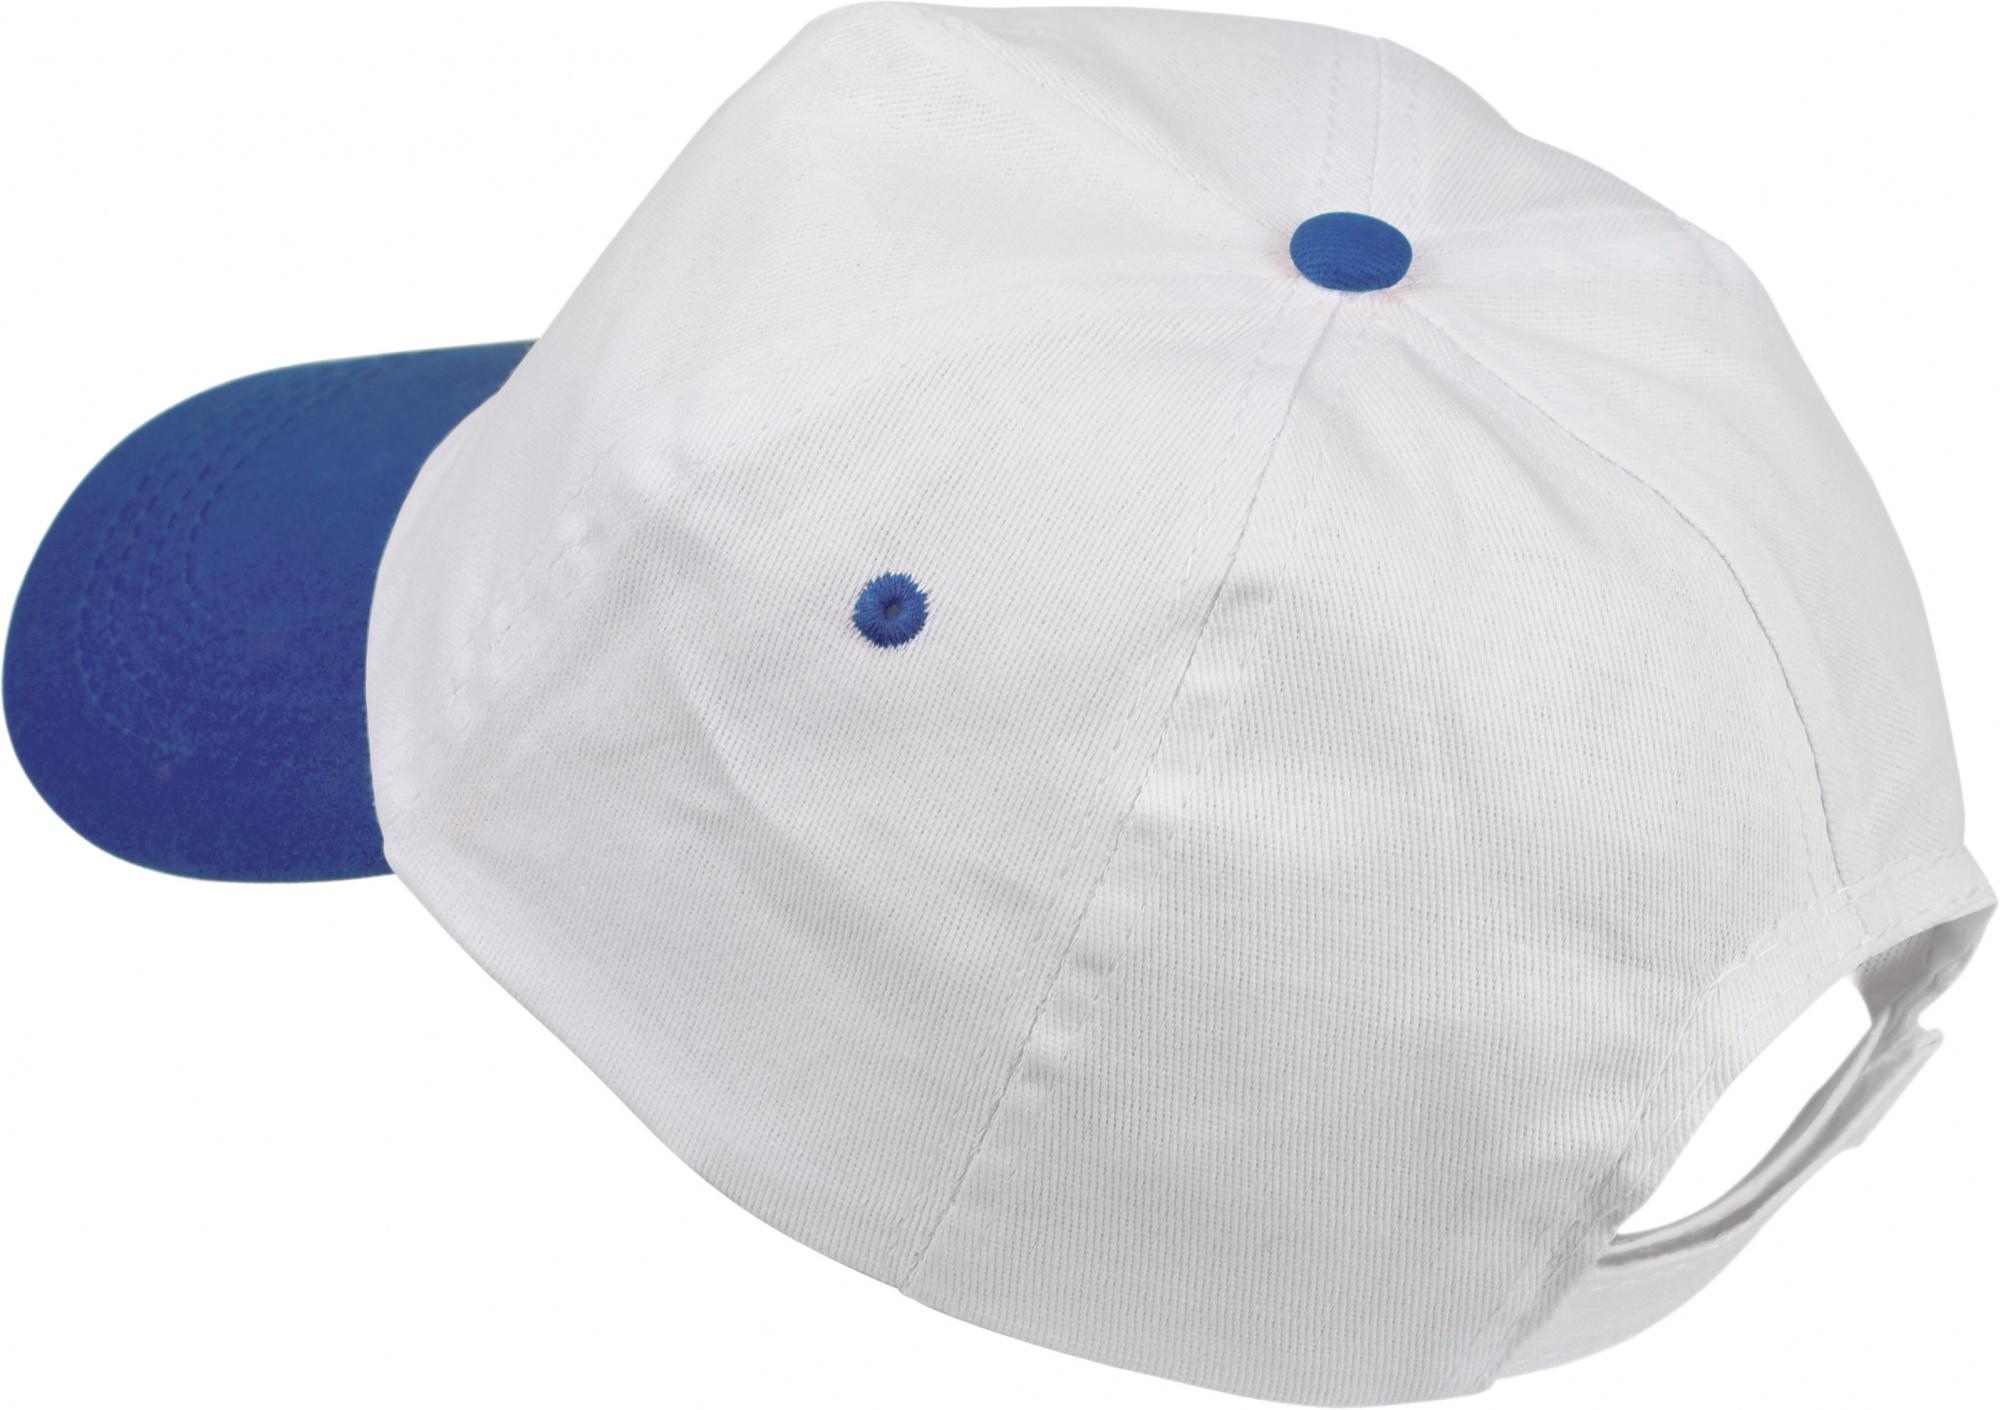 ... Cappellino personalizzato blu - Stampa quadricromia inclusa · Cappellino  personalizzato rosso ... 2452e62cf4e1